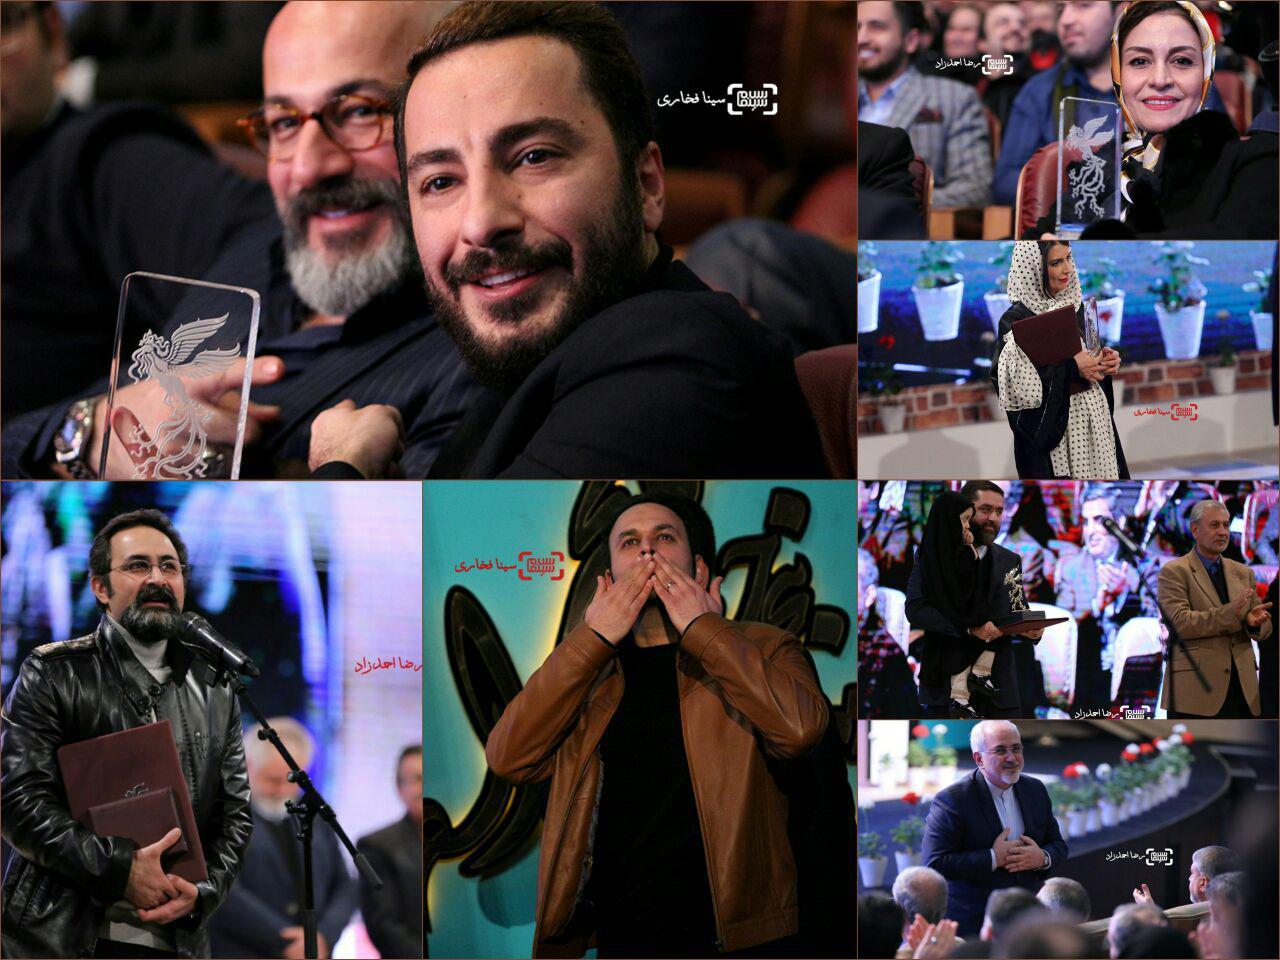 گزارش تصویری اختتامیه سی و پنجمین جشنواره فیلم فجر(اختصاصی سلام سینما)2